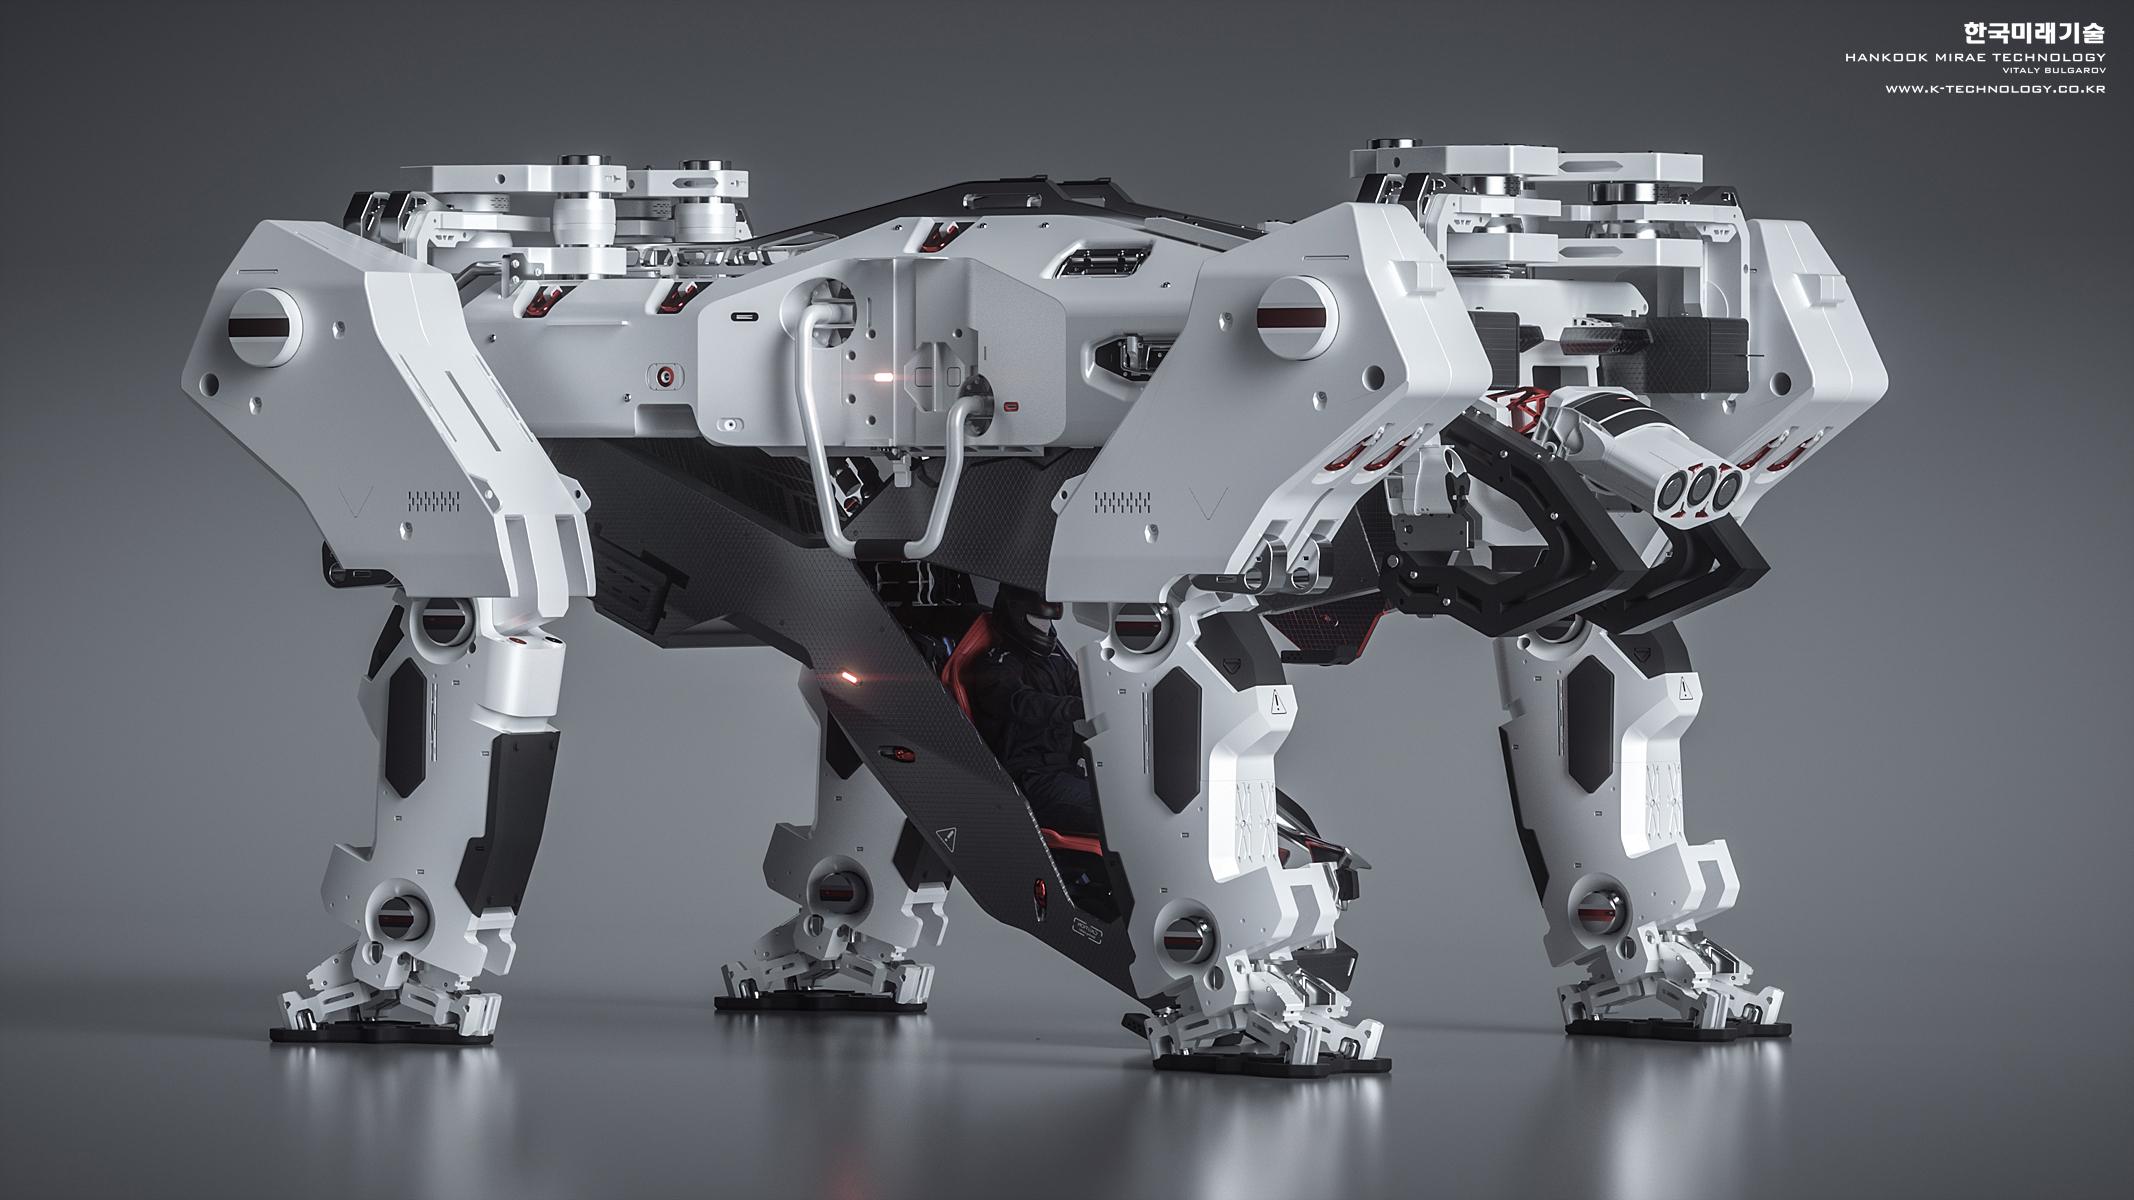 05_KFT_4LeggedRobot_FullView_04.jpg